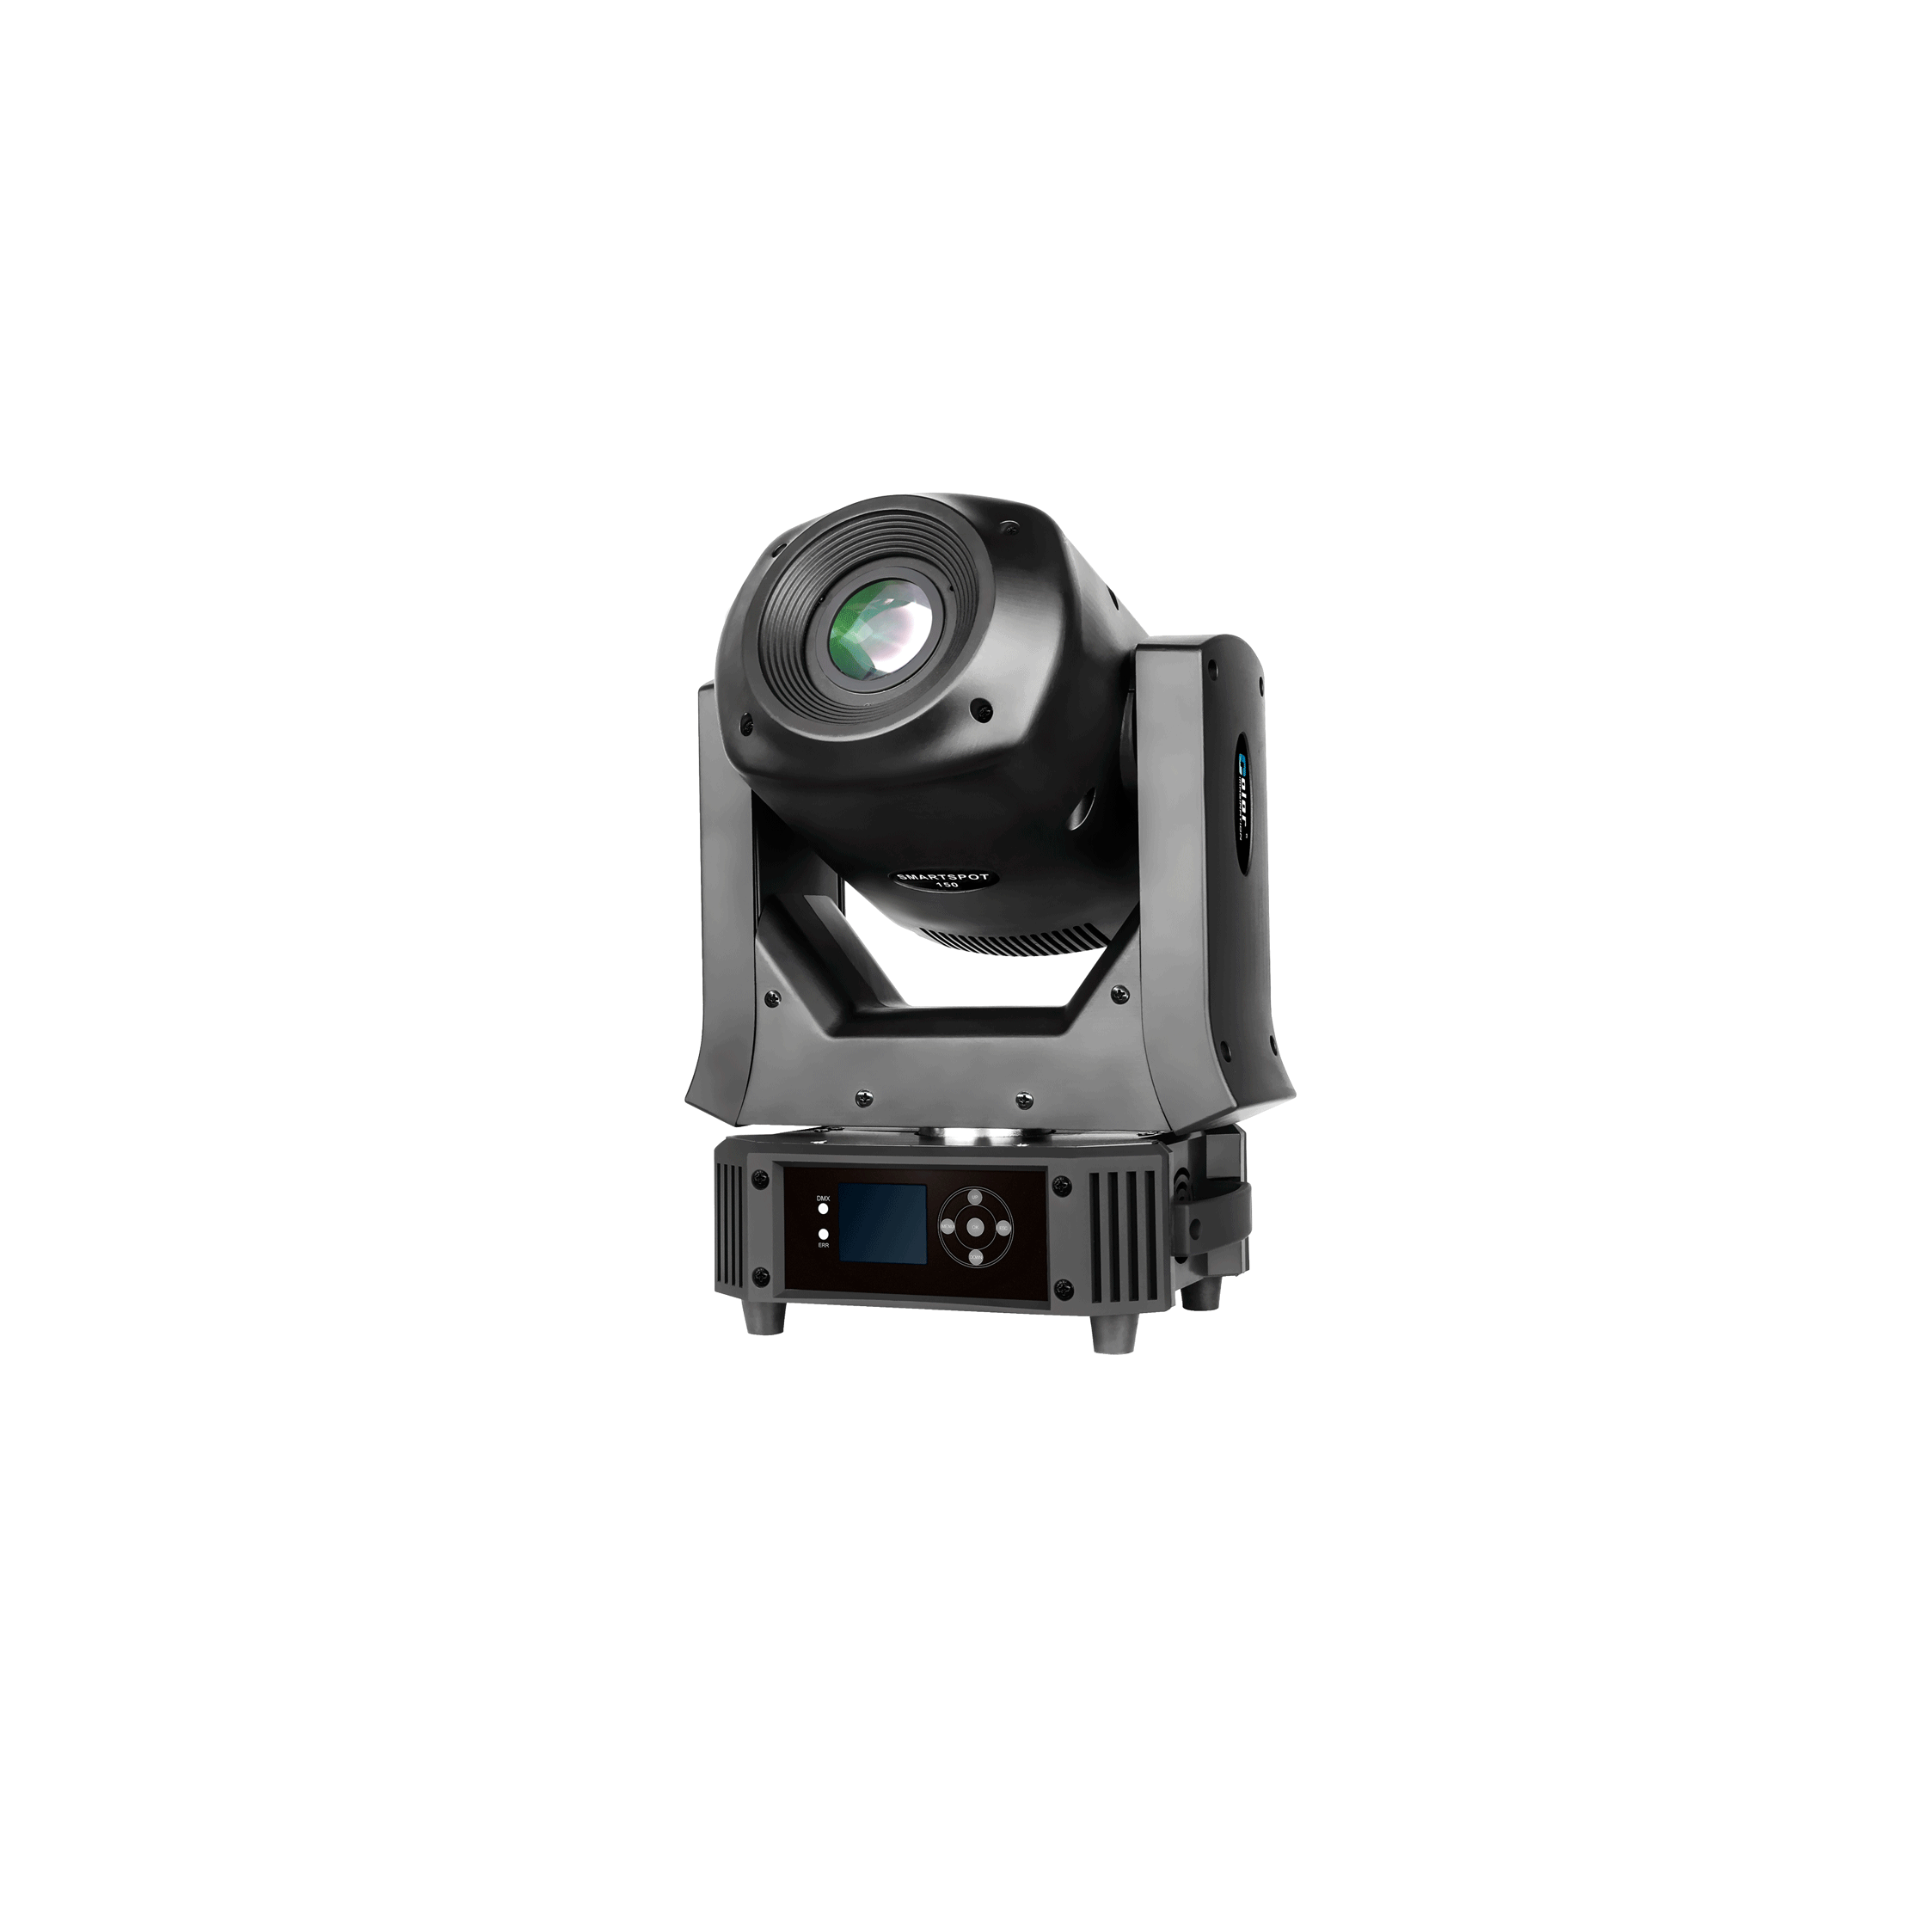 Spot Light Supplier|Spot Light Manufacturer